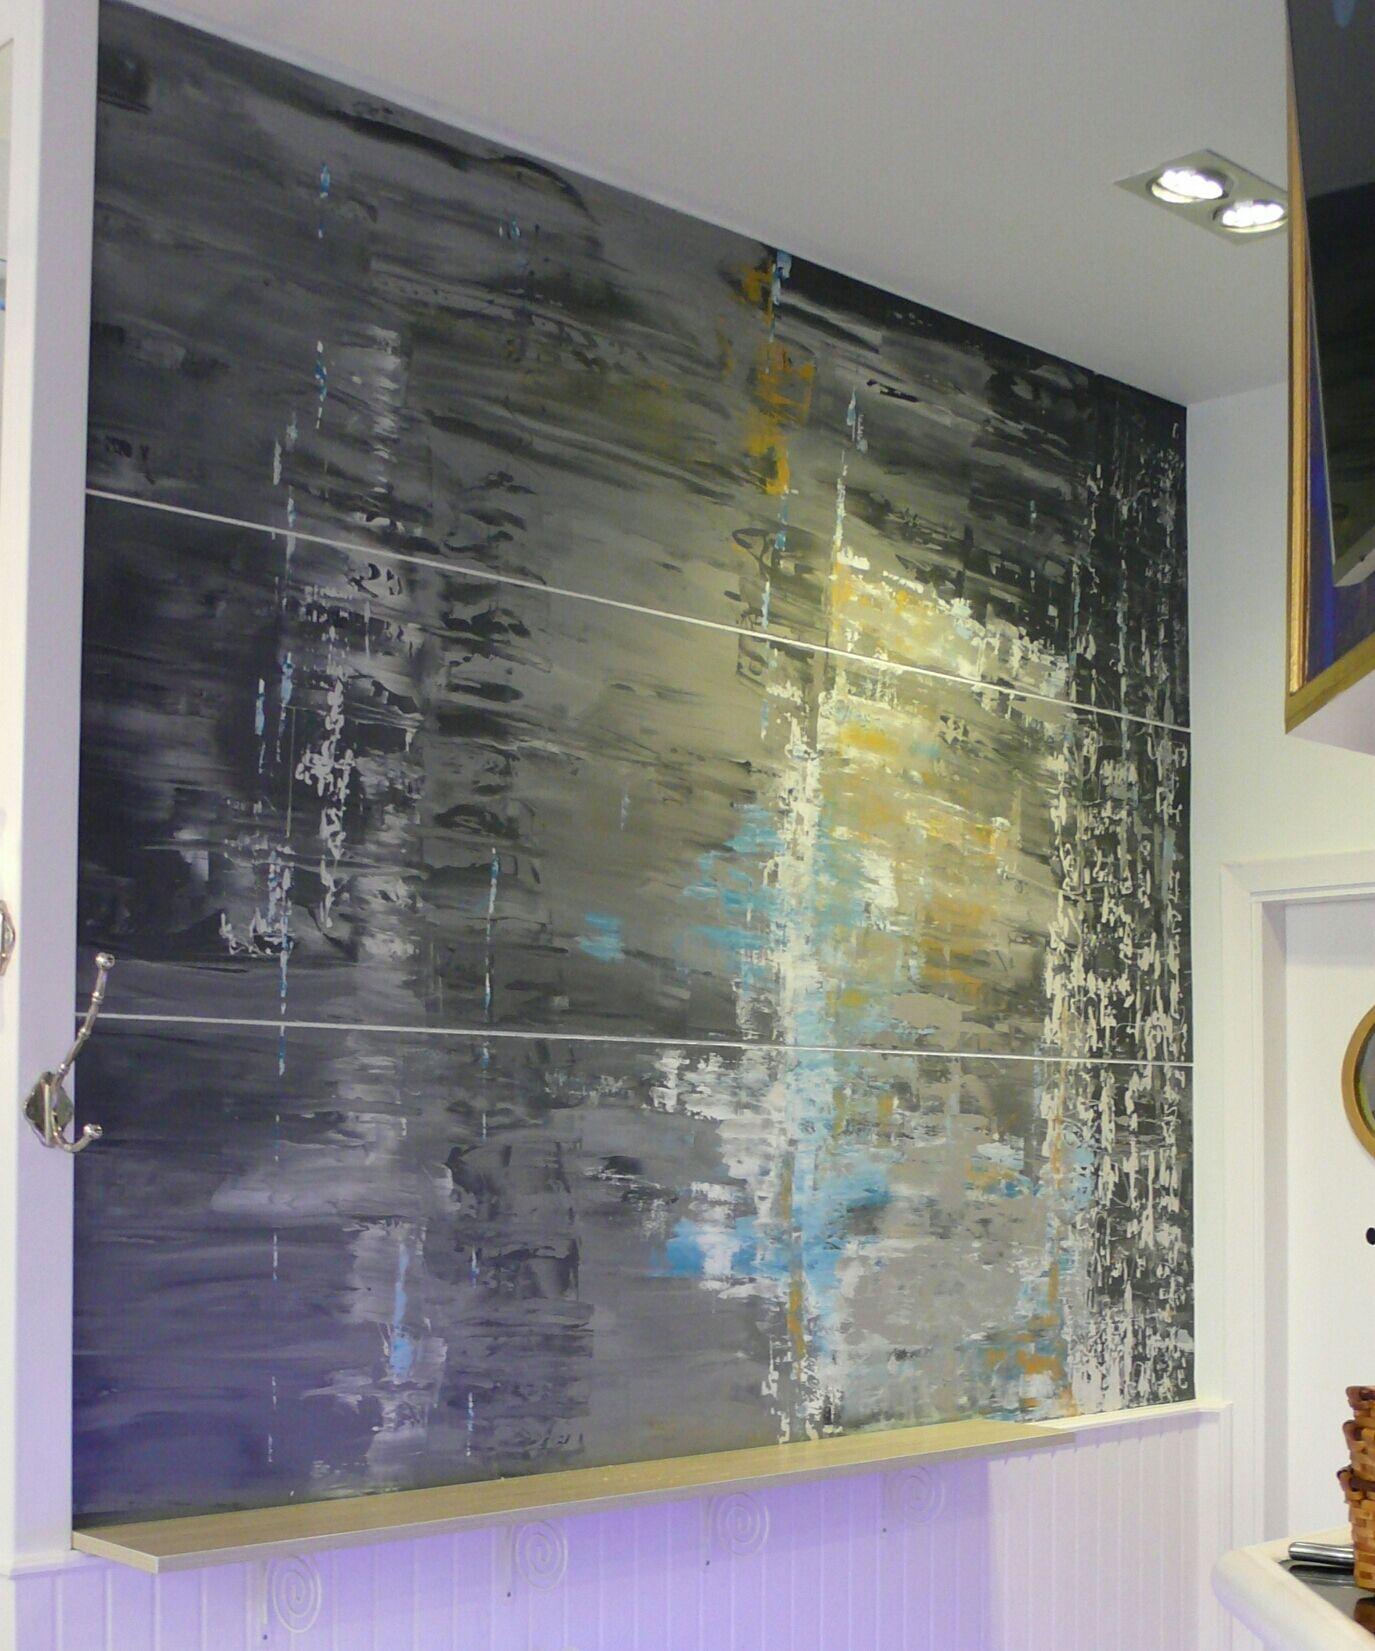 Trabajos de pintura decorativa en Vitoria